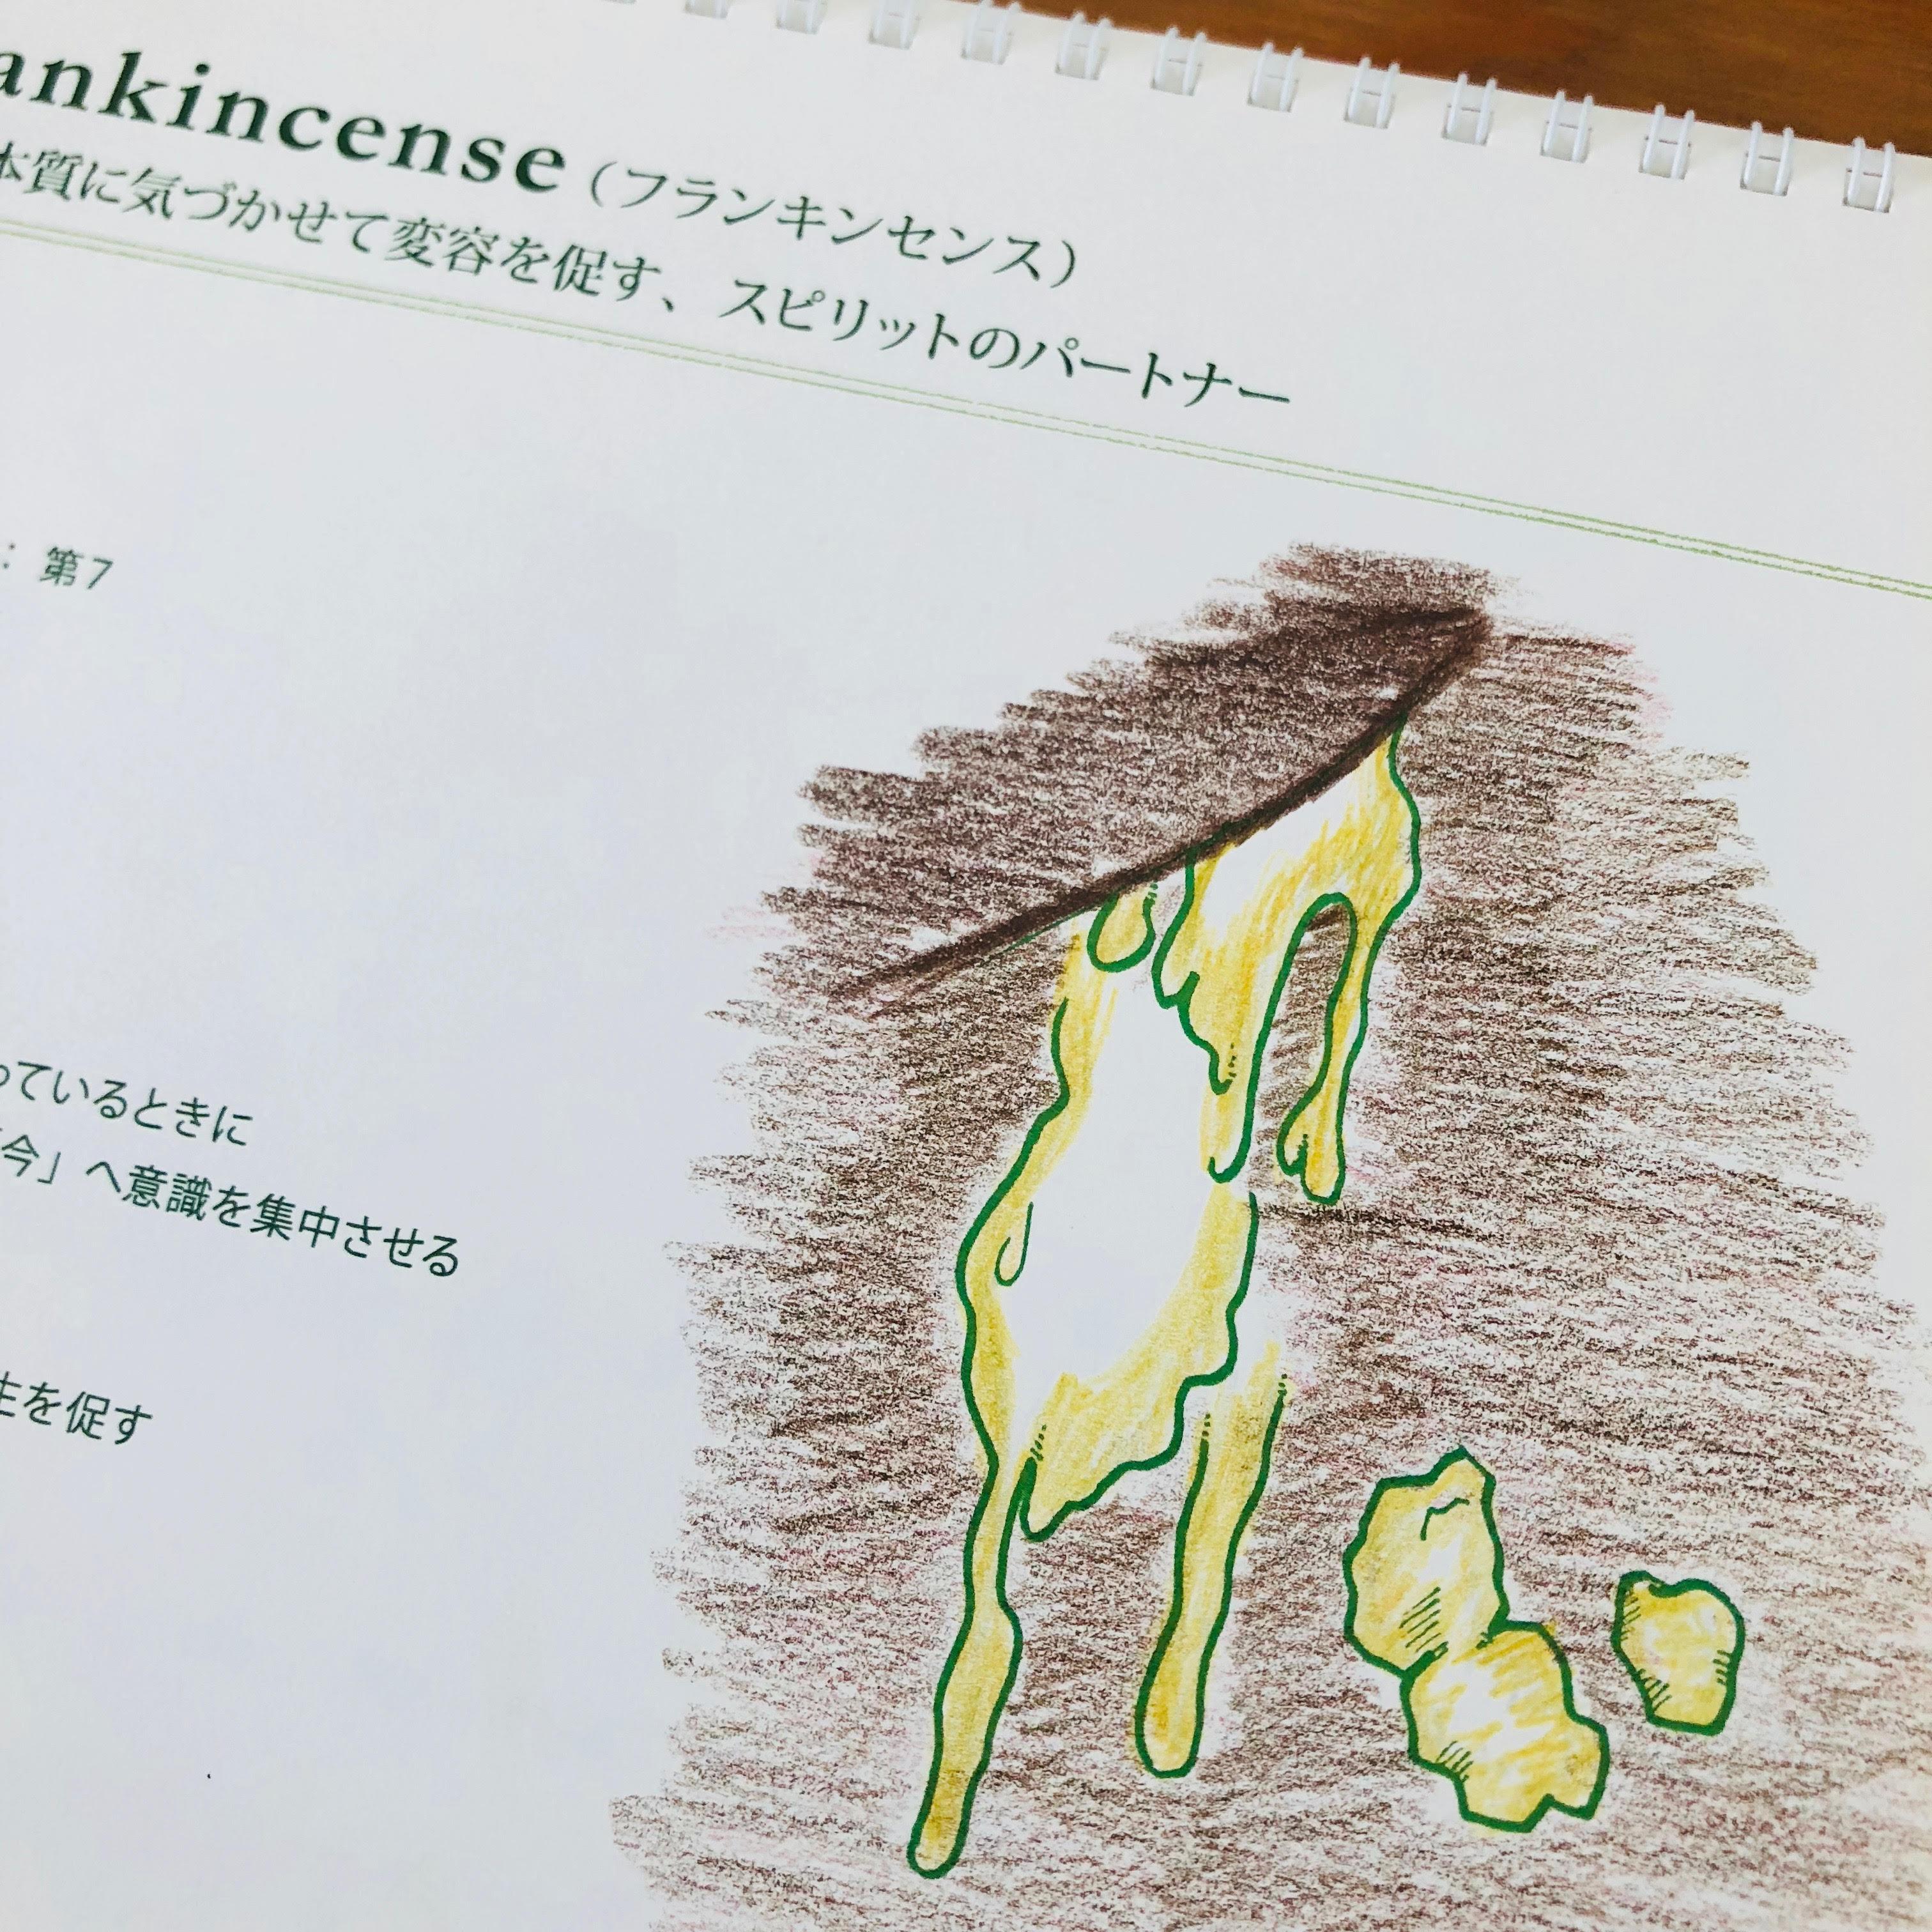 ワークブック1